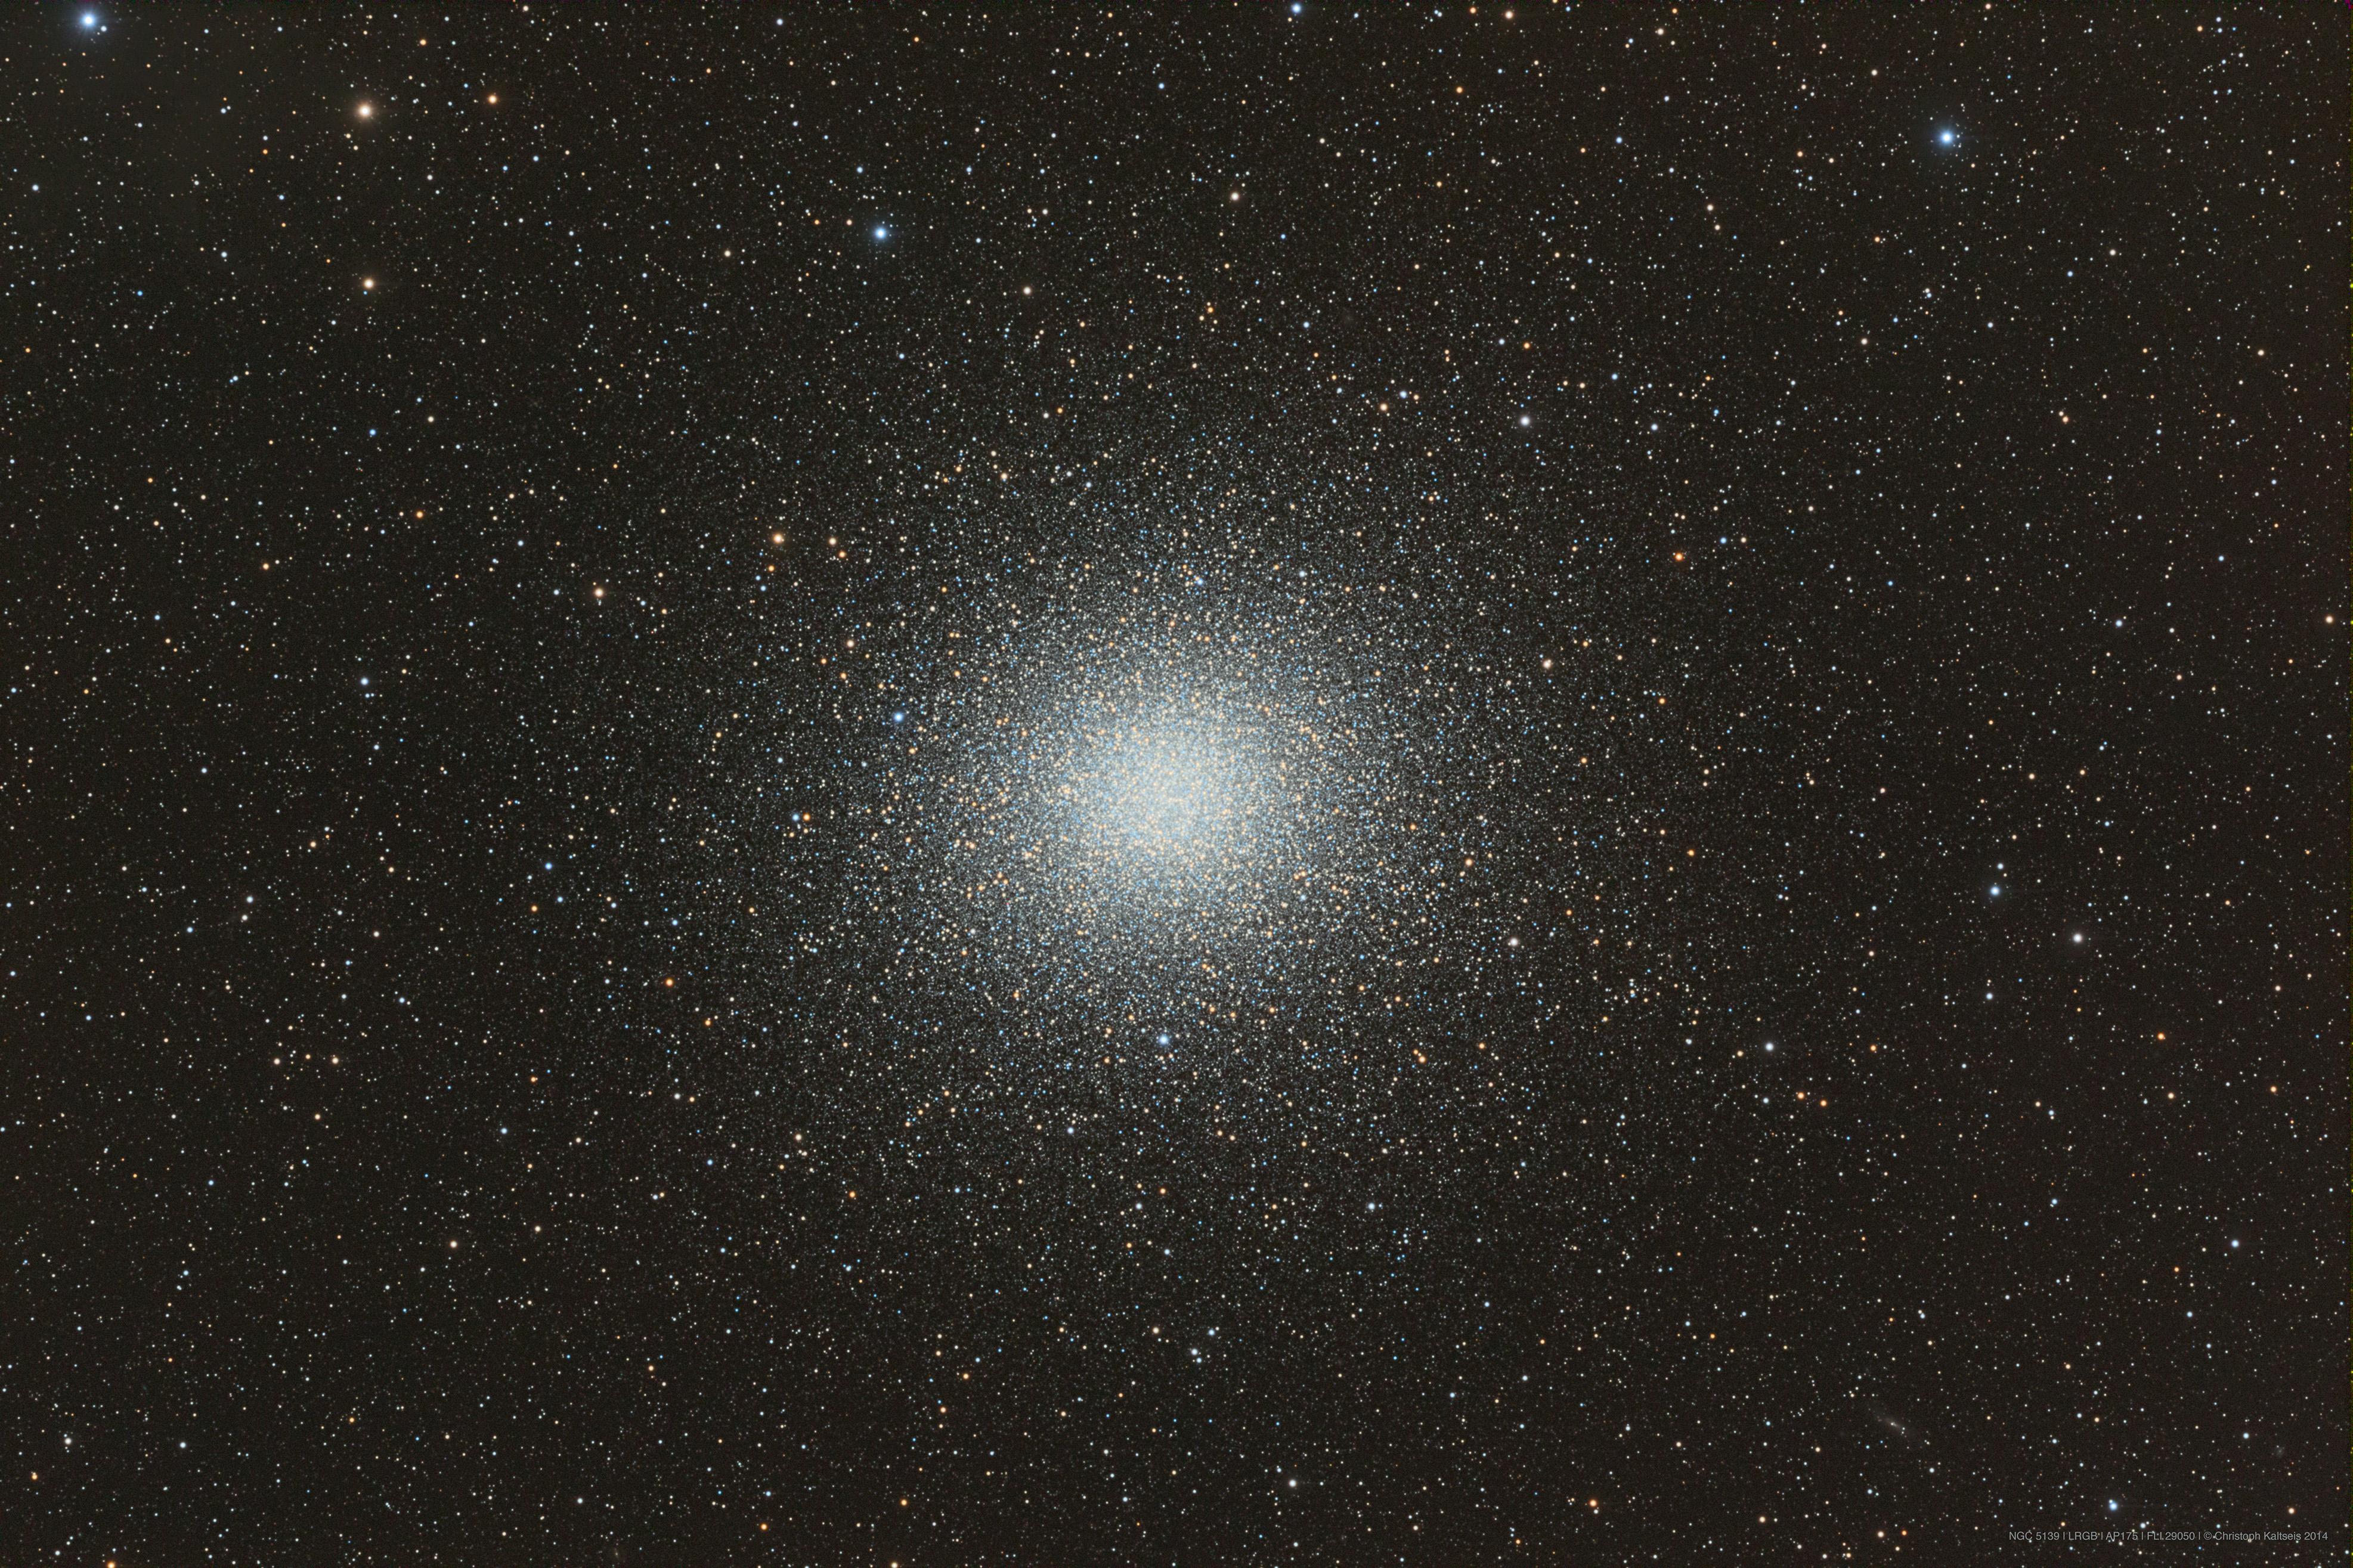 NGC 5139 / Chile 2014